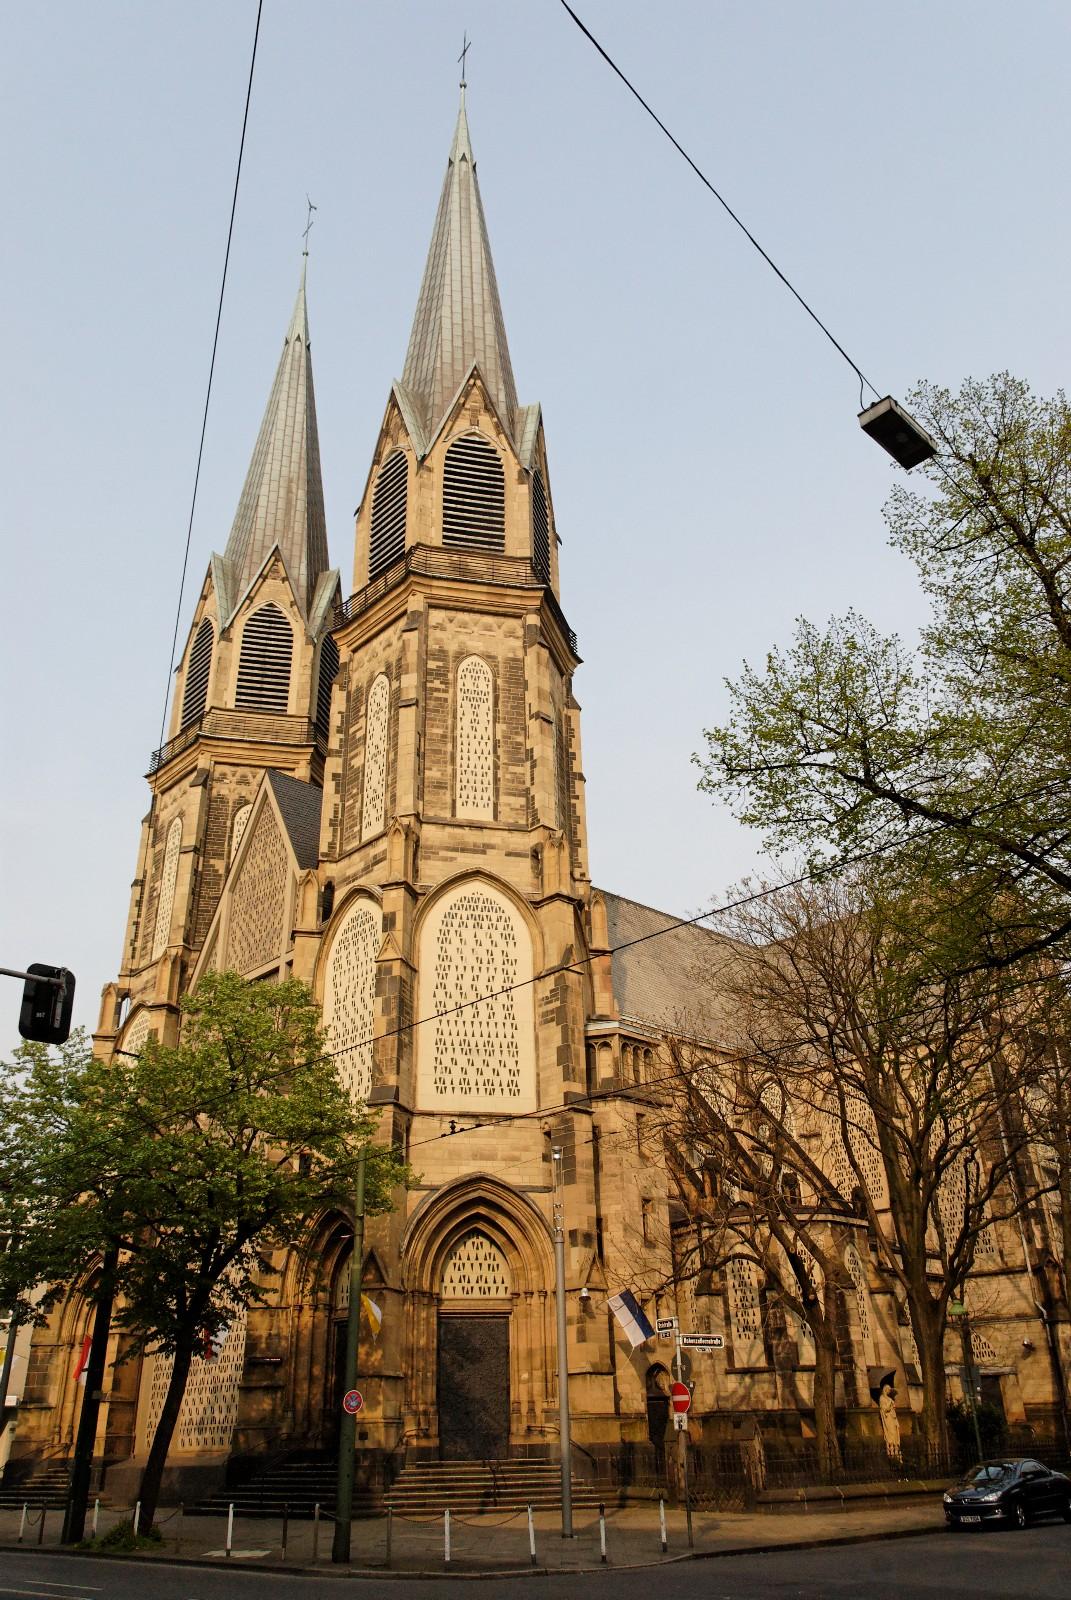 Церковь Непорочного Зачатия Девы Марии в Дюссельдорфе